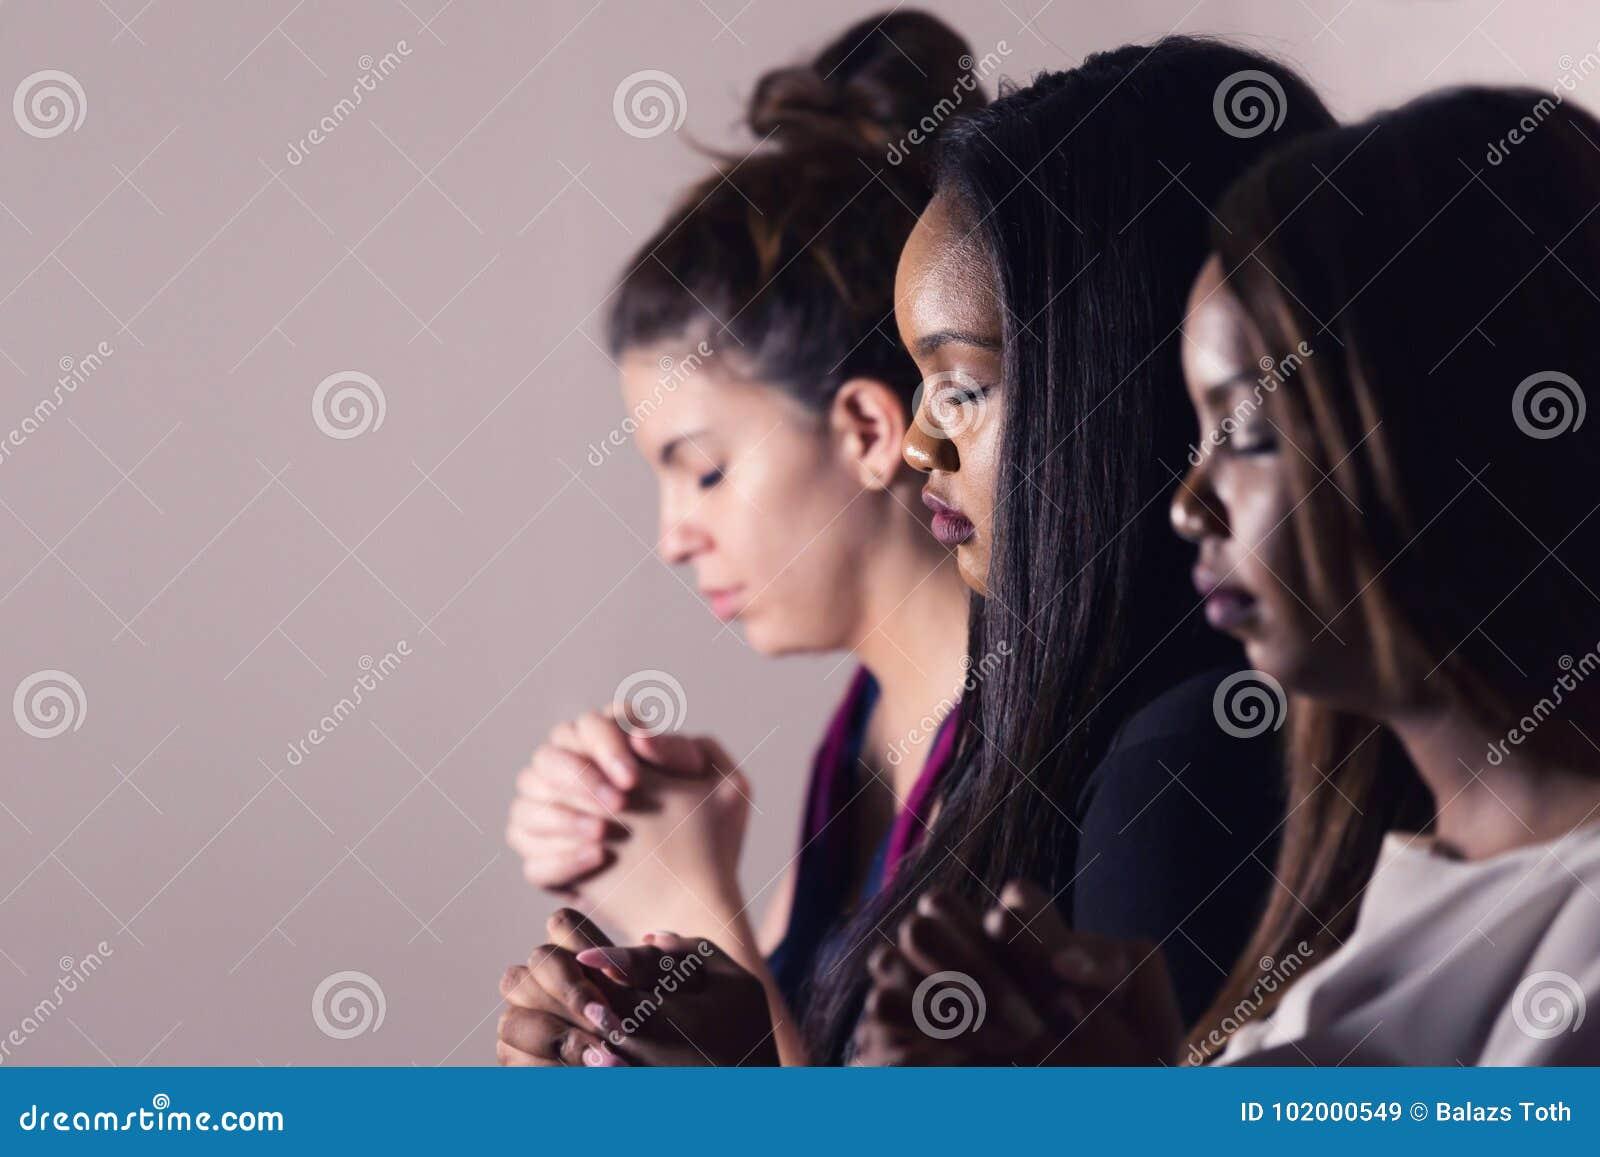 Νέες αφιερωμένες γυναίκες που προσεύχονται από κοινού